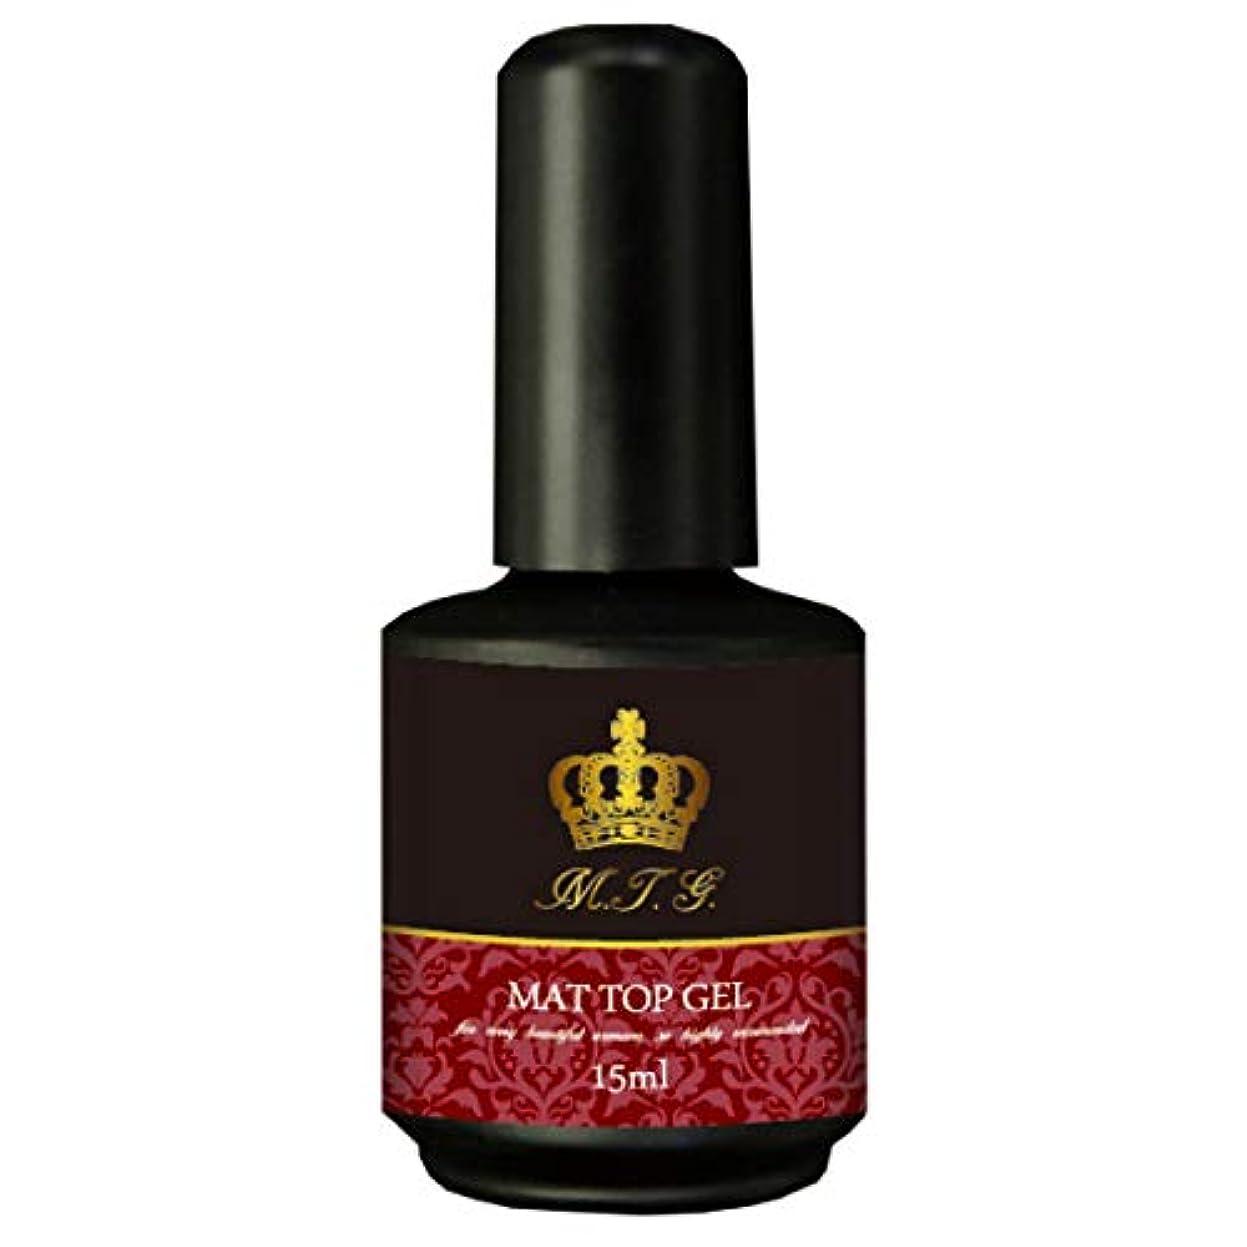 シャックル素敵なこどもの宮殿ジェルネイル《拭き取り不要のポリッシュタイプ》MAT TOP COAT GEL ノンワイプマットトップジェル(15mL)